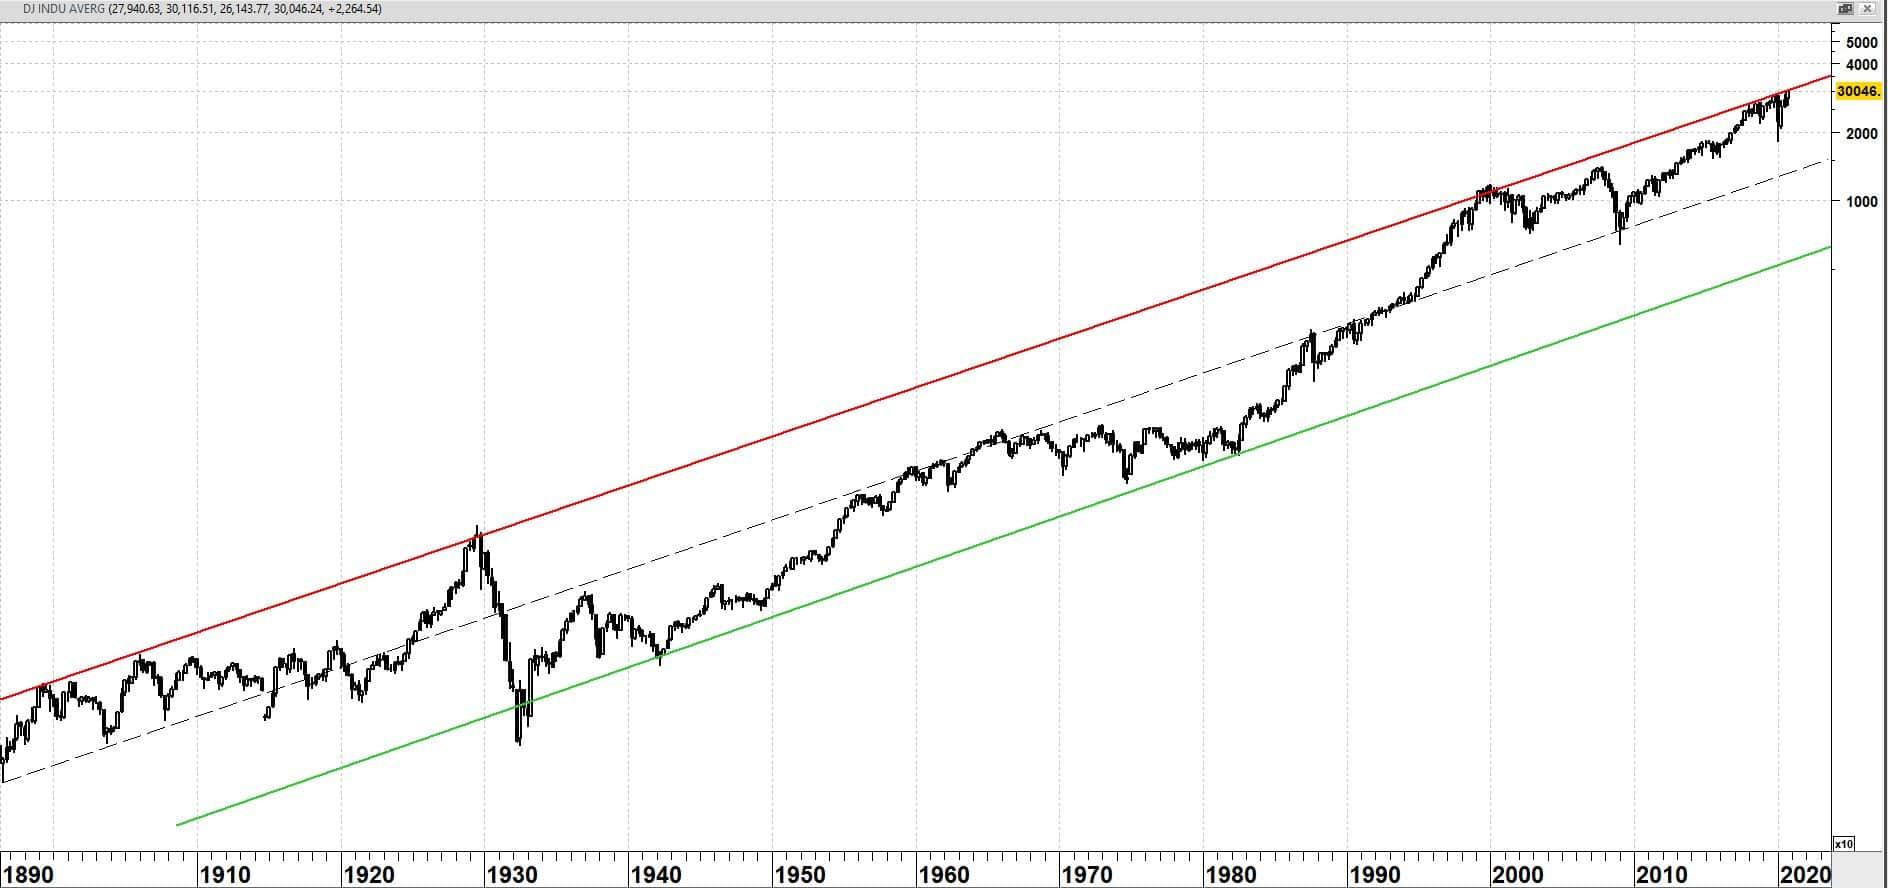 Dow Jones Industrial Average op kwartaalbasis vanaf 1896 (log-schaal)